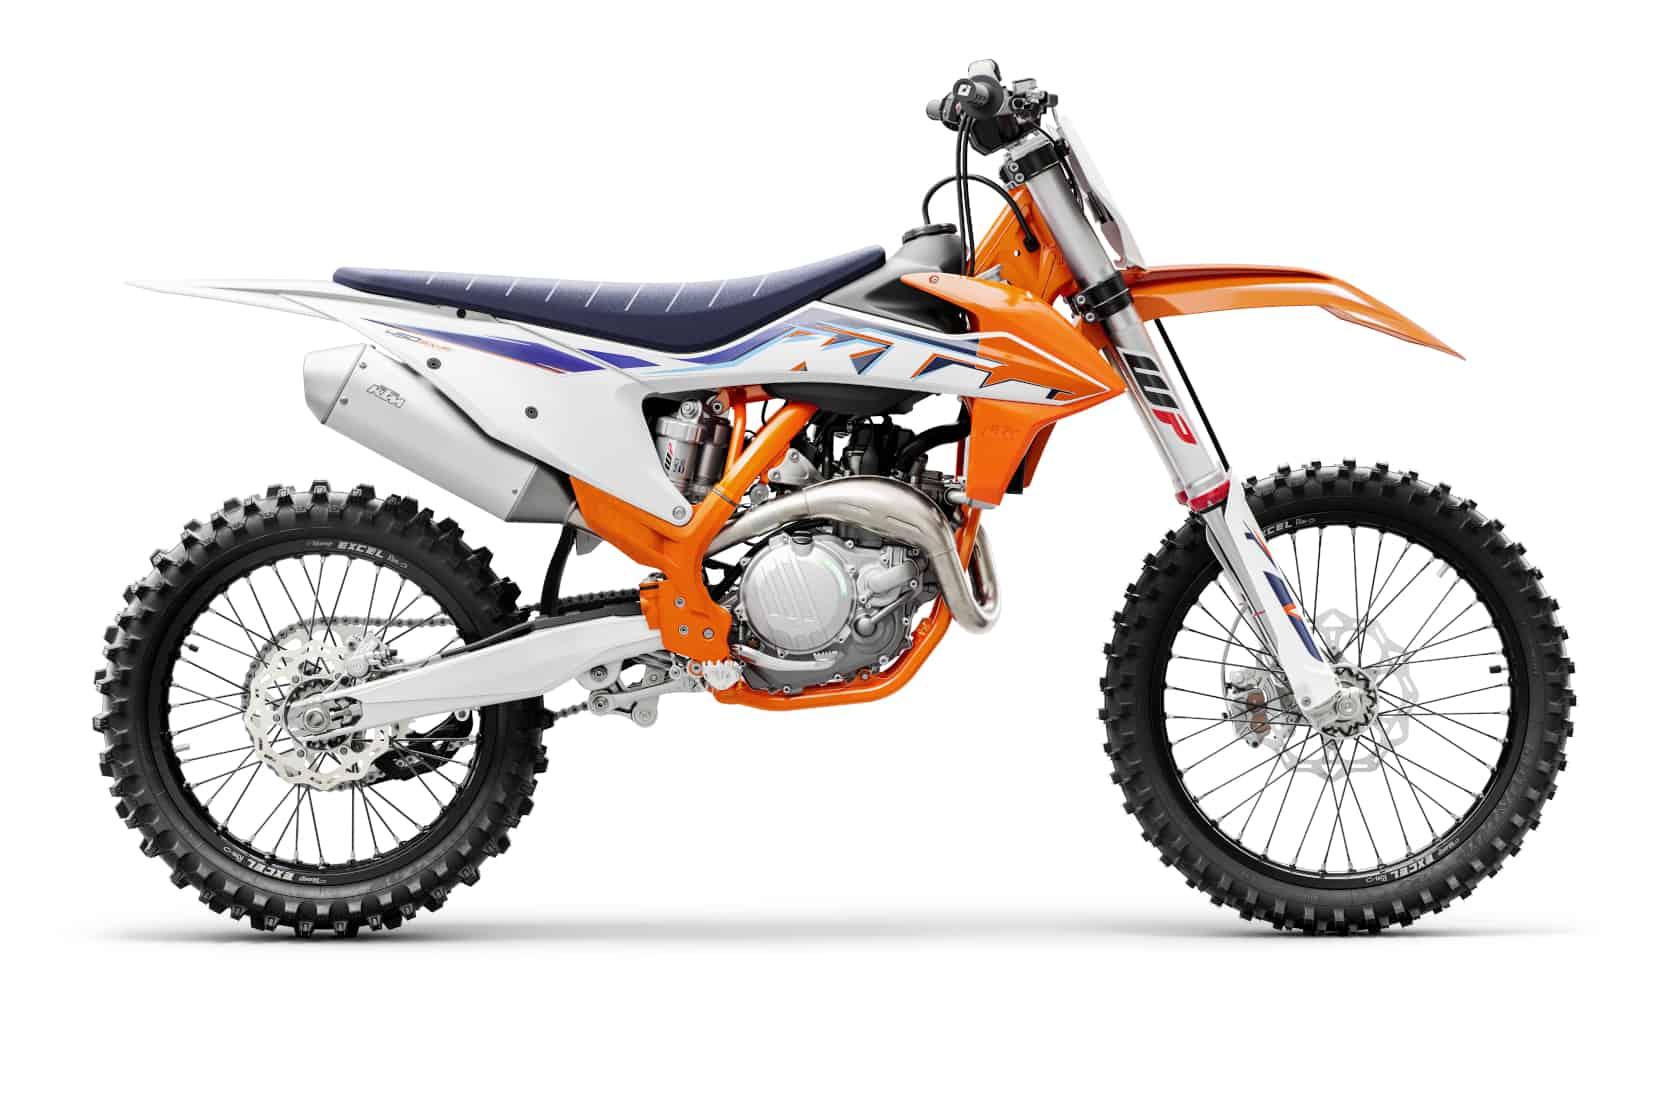 Die neuen KTM Motocross-Modelle 2022 sind da